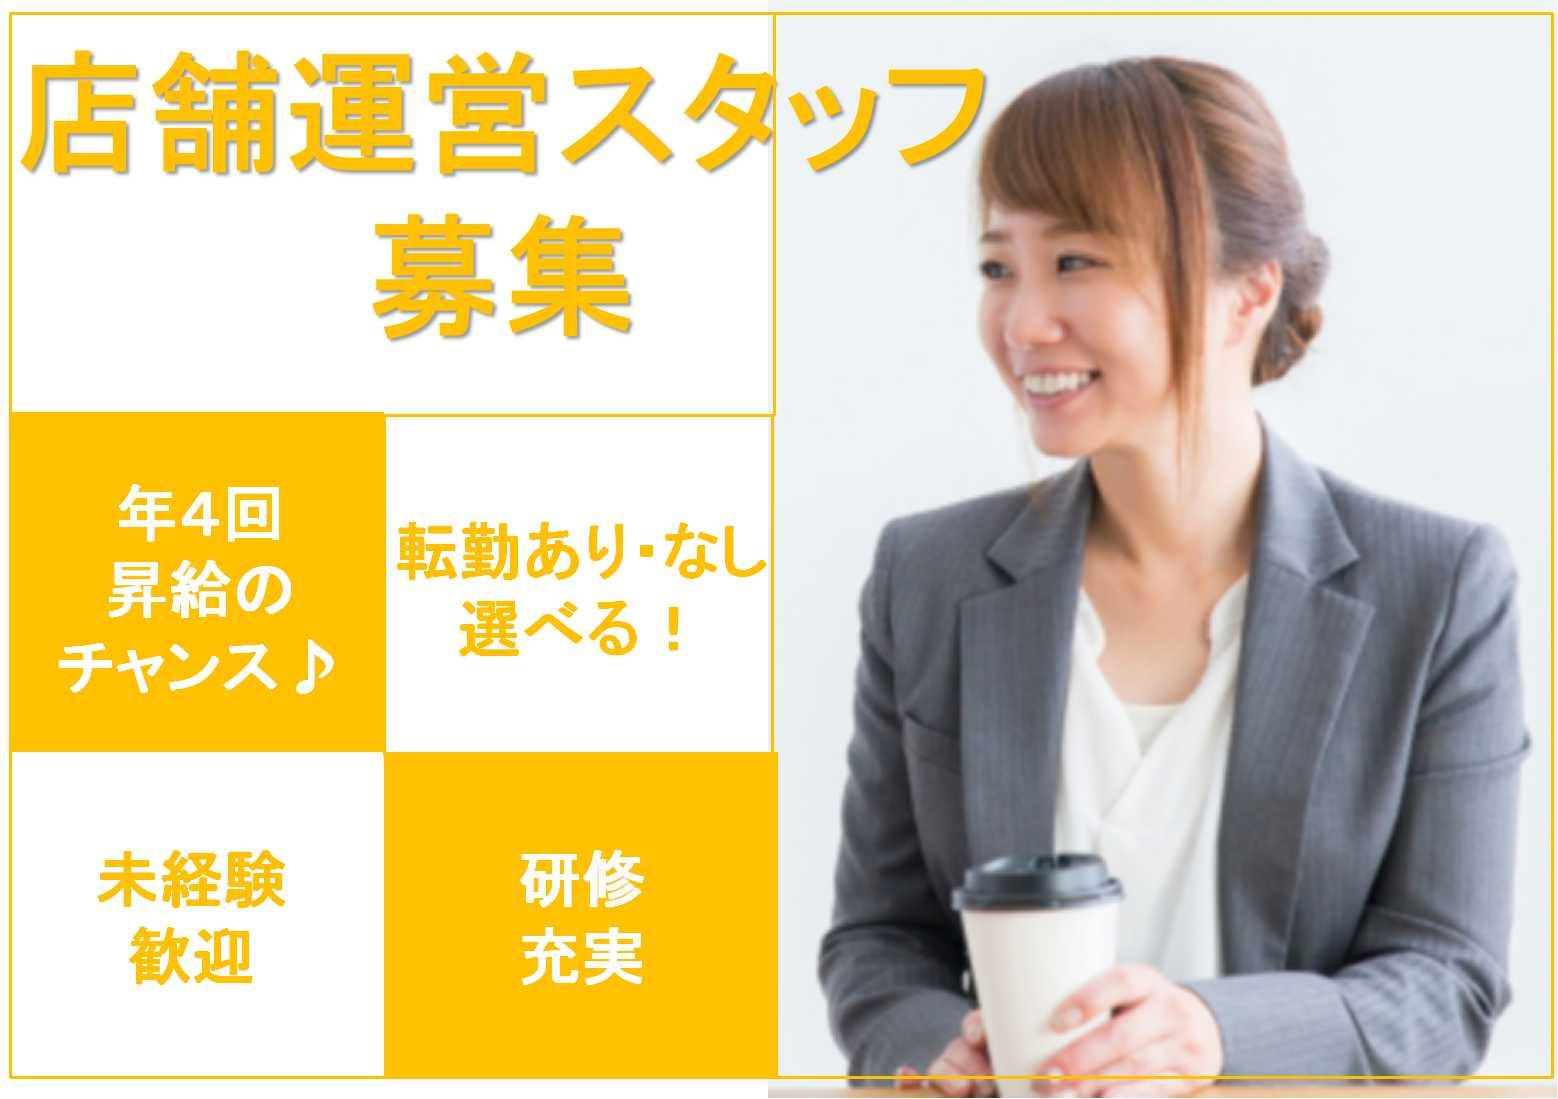 【急募】転勤あり・なし選べる!研修充実★店舗運営スタッフ イメージ